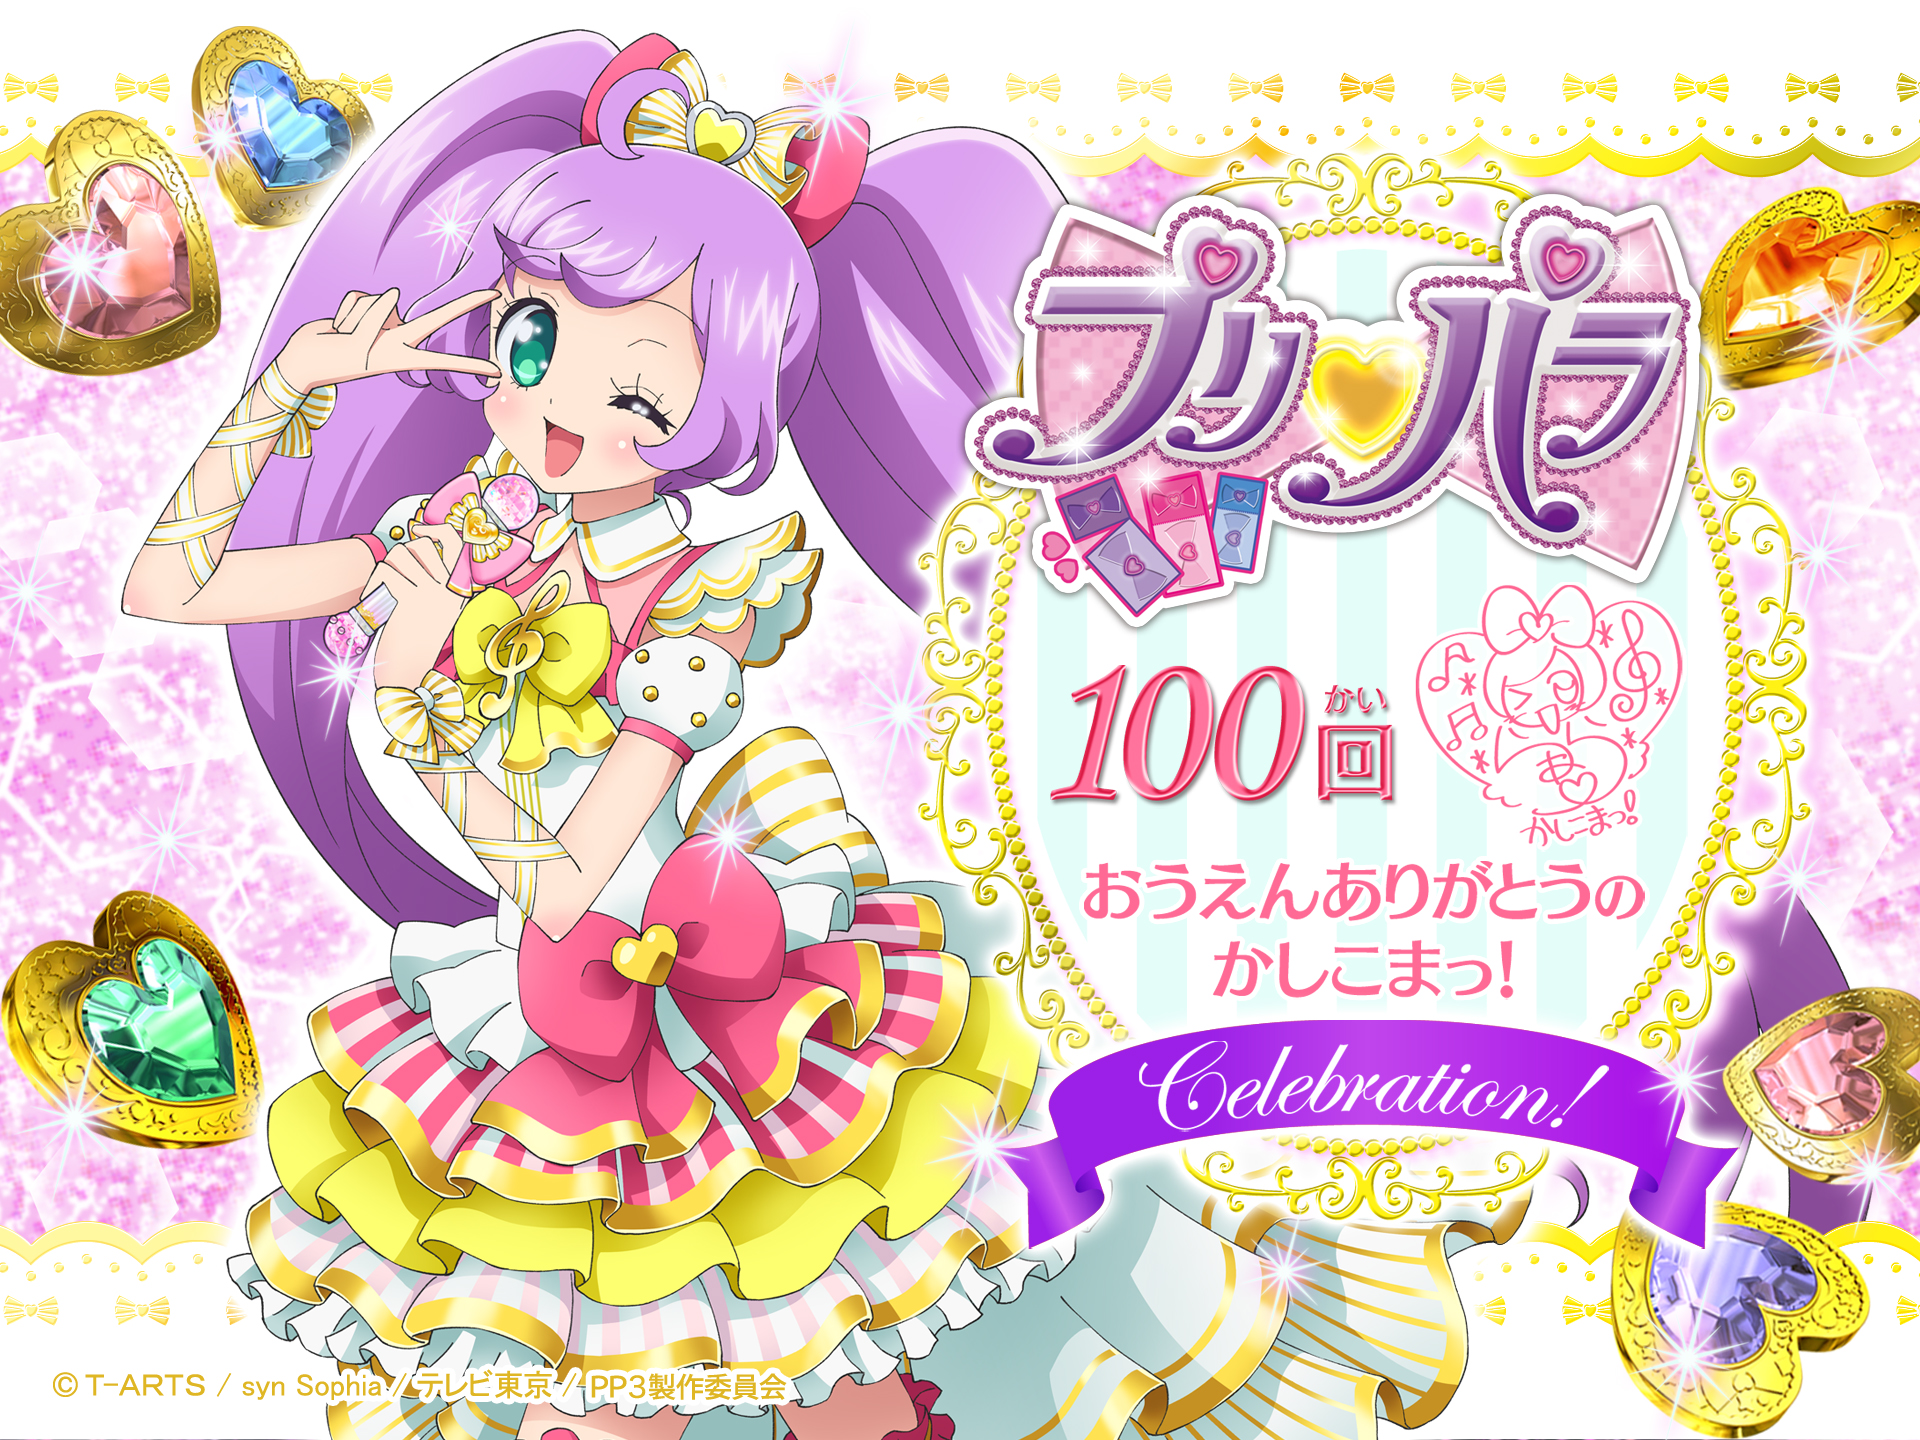 テレビ東京 あにてれ プリパラ100回記念 壁紙プレゼント